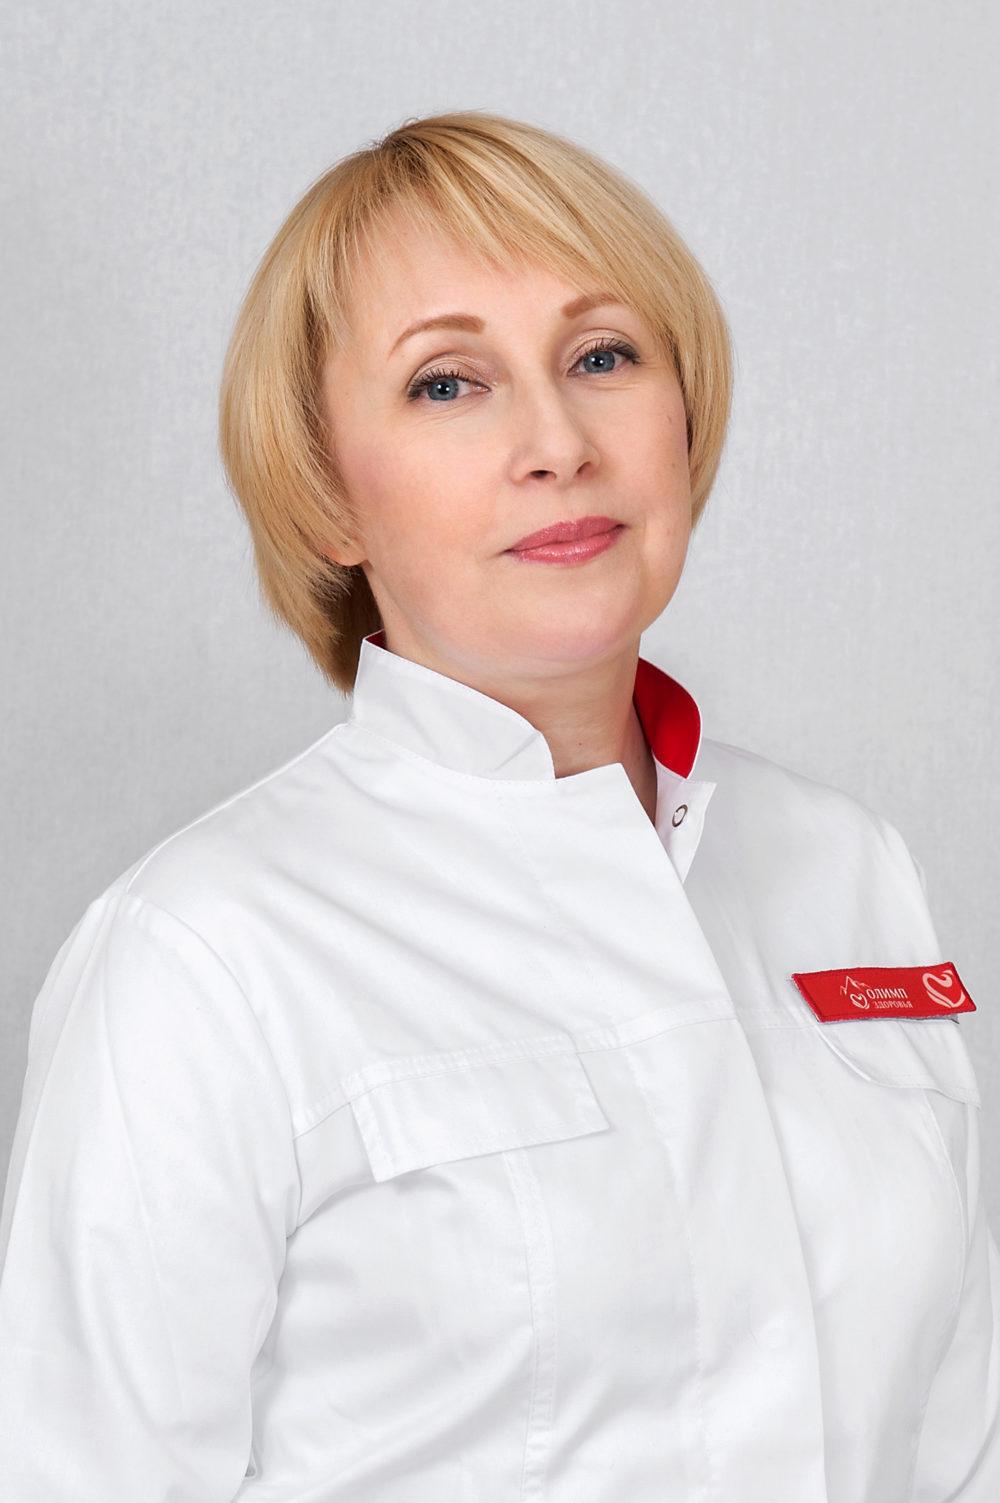 Брежнева Наталья Владимировна